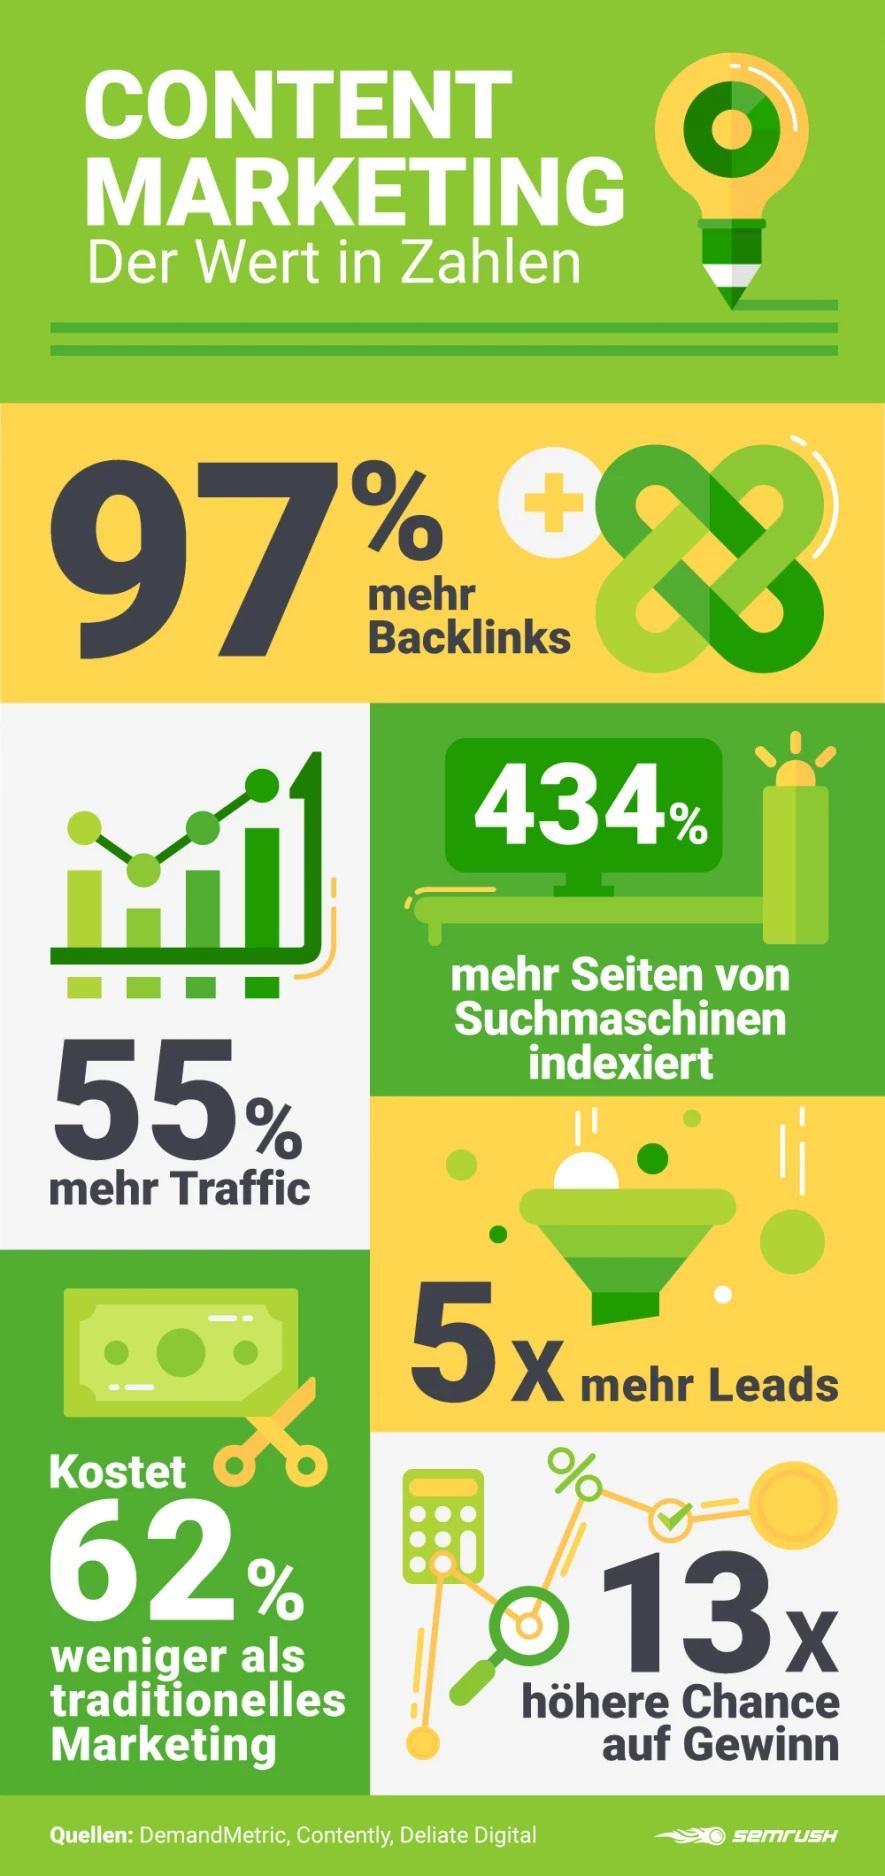 Vorteile Content Marketing Zahlen (Bild: Semrush)